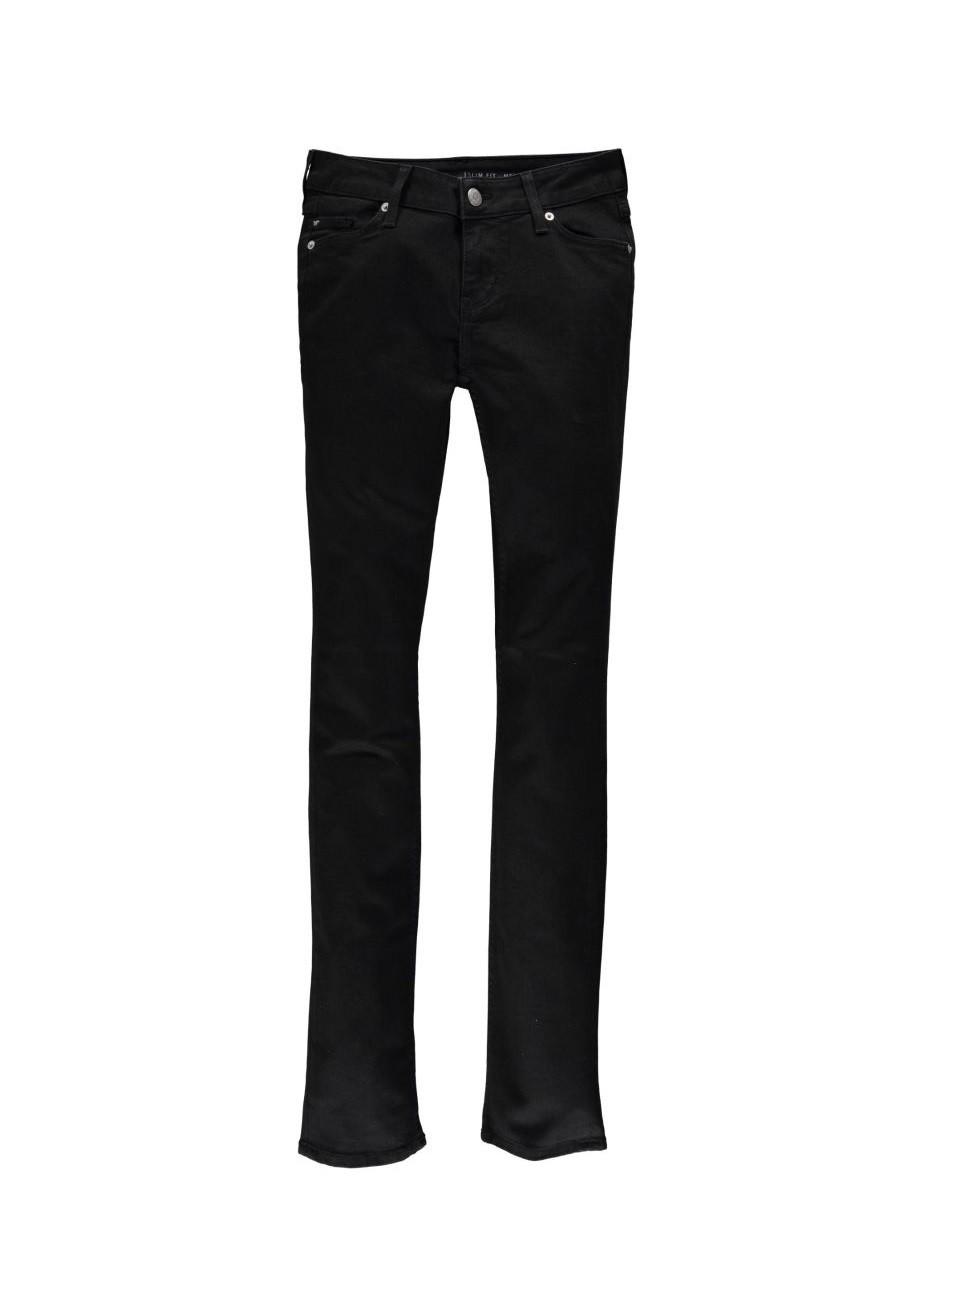 Mustang Damen Jeans Jasmin - Slim Fit - Midnight Black W 27 L 30, midnight-black